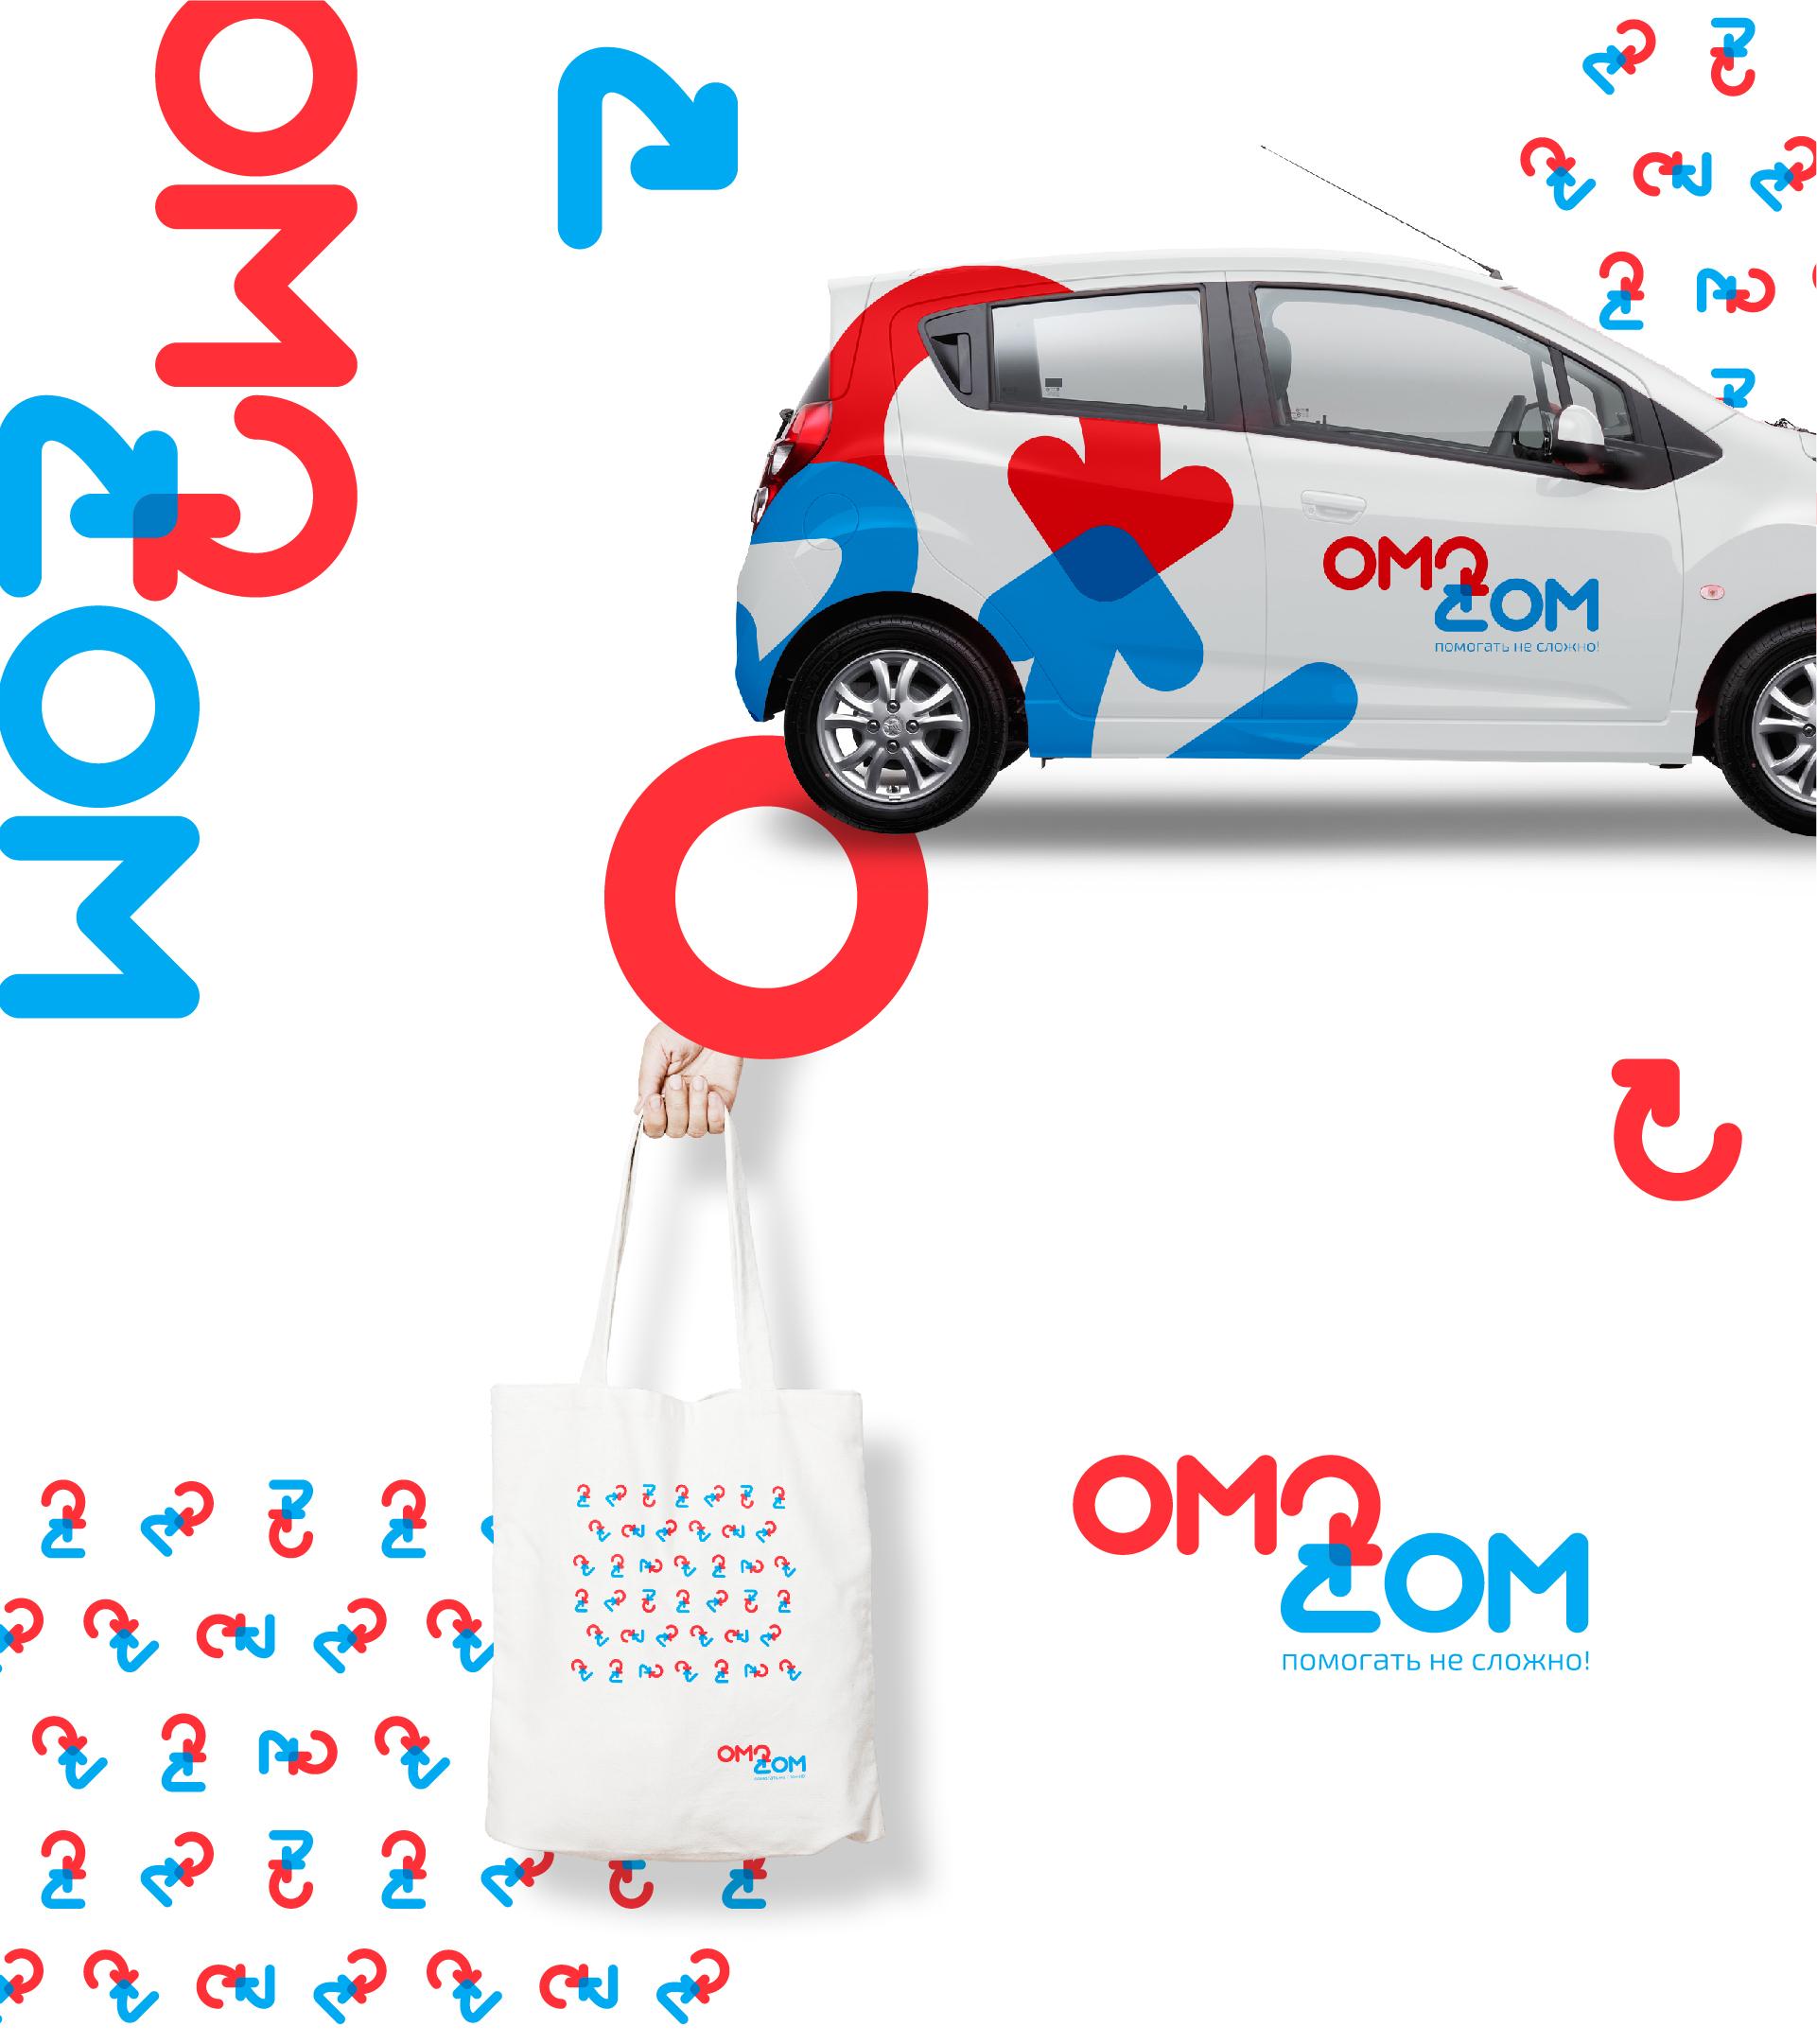 Разработка логотипа для краудфандинговой платформы om2om.md фото f_7535f5b9e0d9740f.jpg